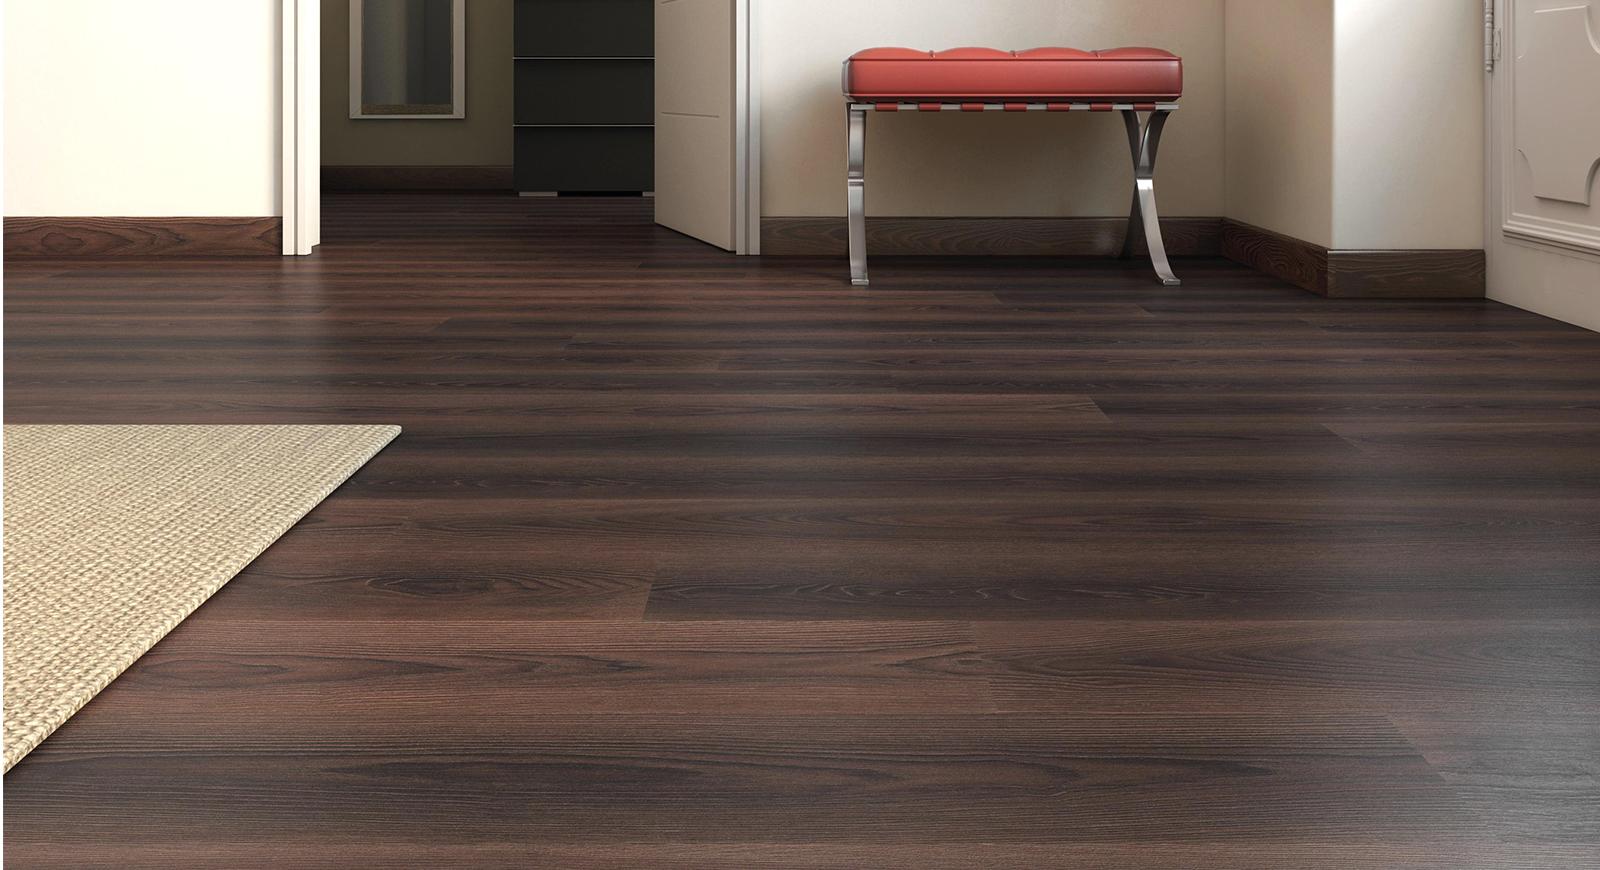 Elige el mejor suelo para tu cocina cocimobel - Suelo laminado para cocina ...